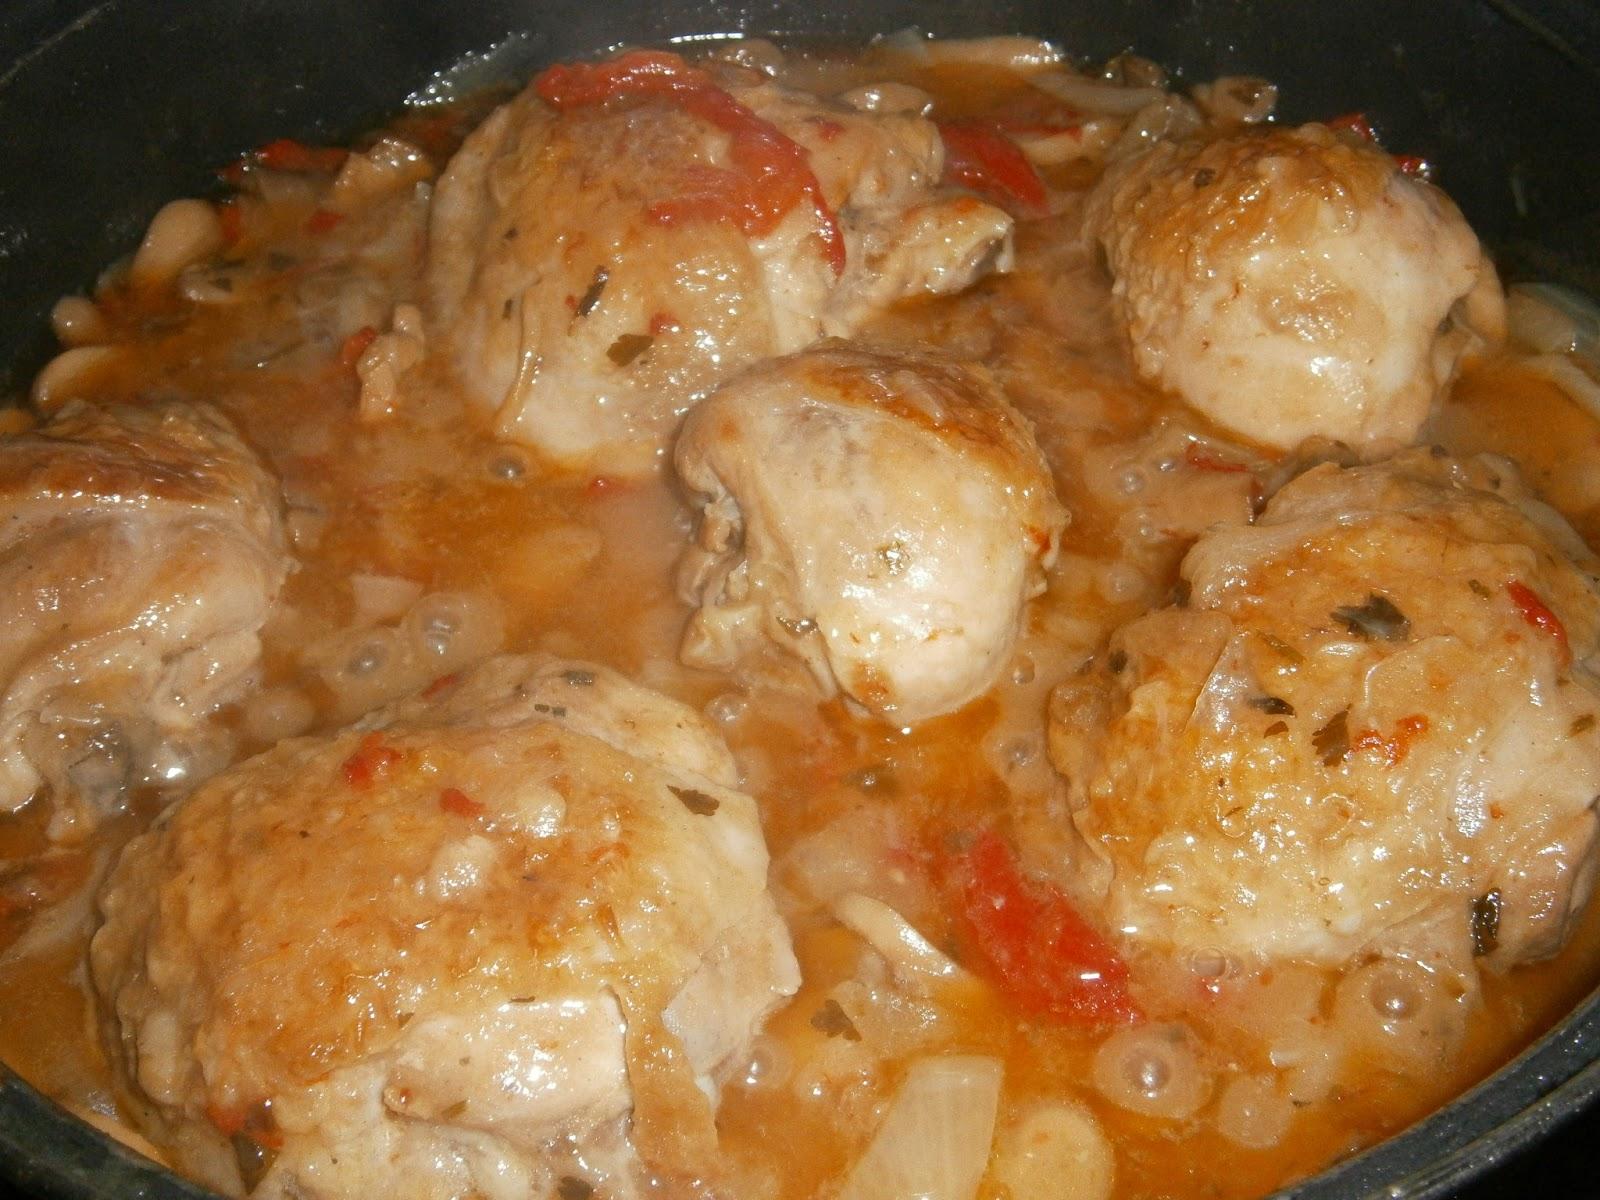 Pollo guisado a la cerveza muslos de pollo a la cerveza - Como se hace pollo en salsa ...